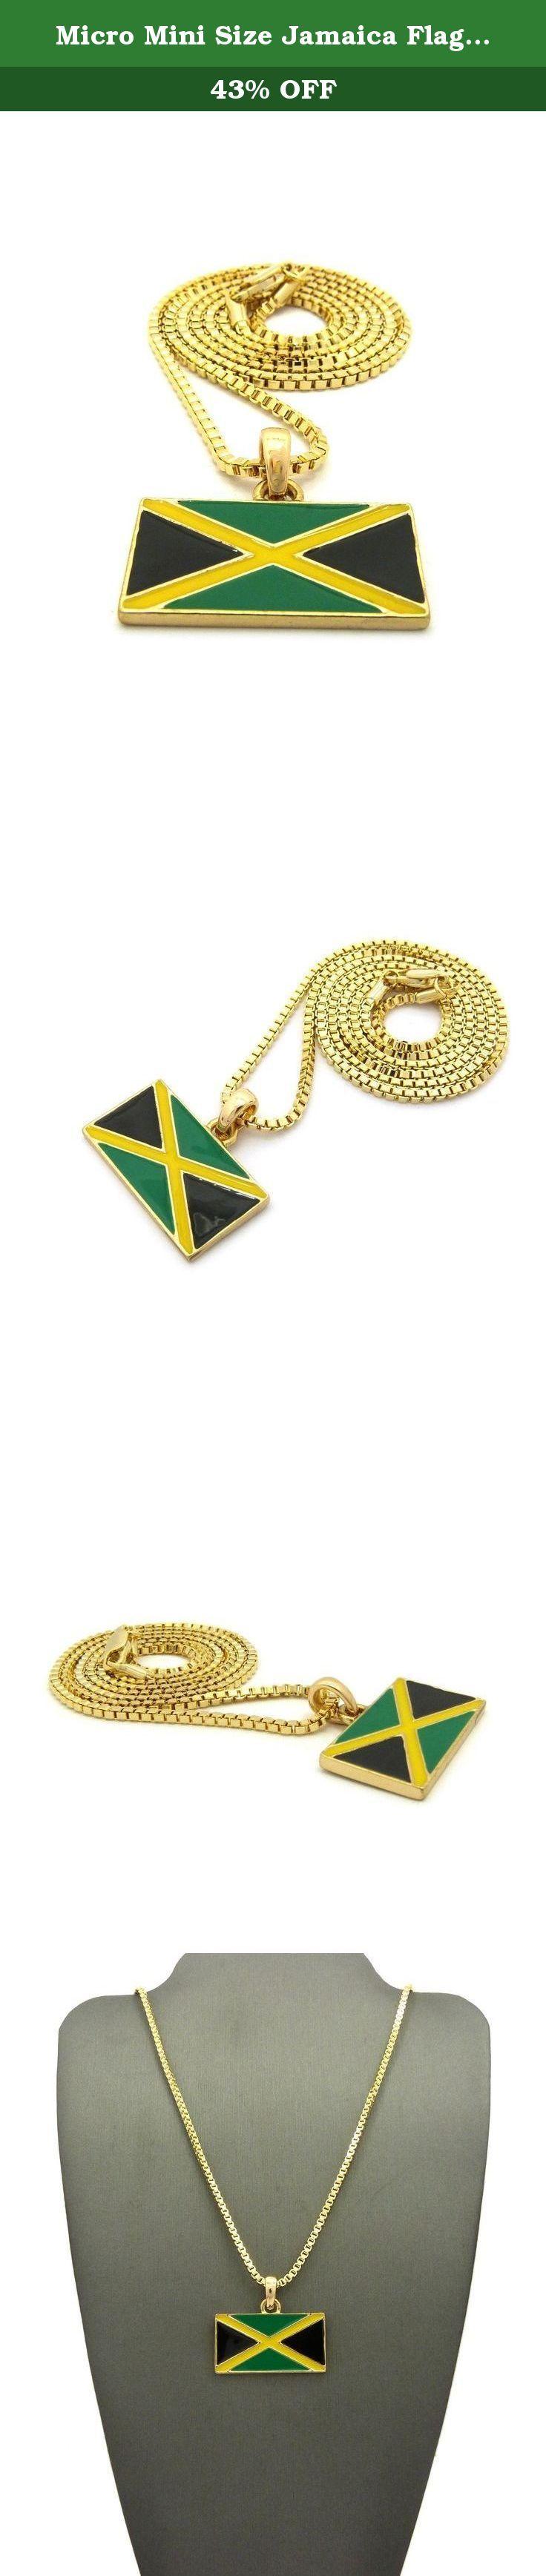 """Micro Mini Size Jamaica Flag Pendant 2mm 16"""",18"""",20"""" 24"""" Box Chain Necklace Gold, Silver Tone (Gold - 2mm 24"""" Box Chain). Micro Mini Size Jamaica Flag Pendant 2mm 16"""",18"""",20"""" 24"""" Box Chain Necklace Gold, Silver Tone."""